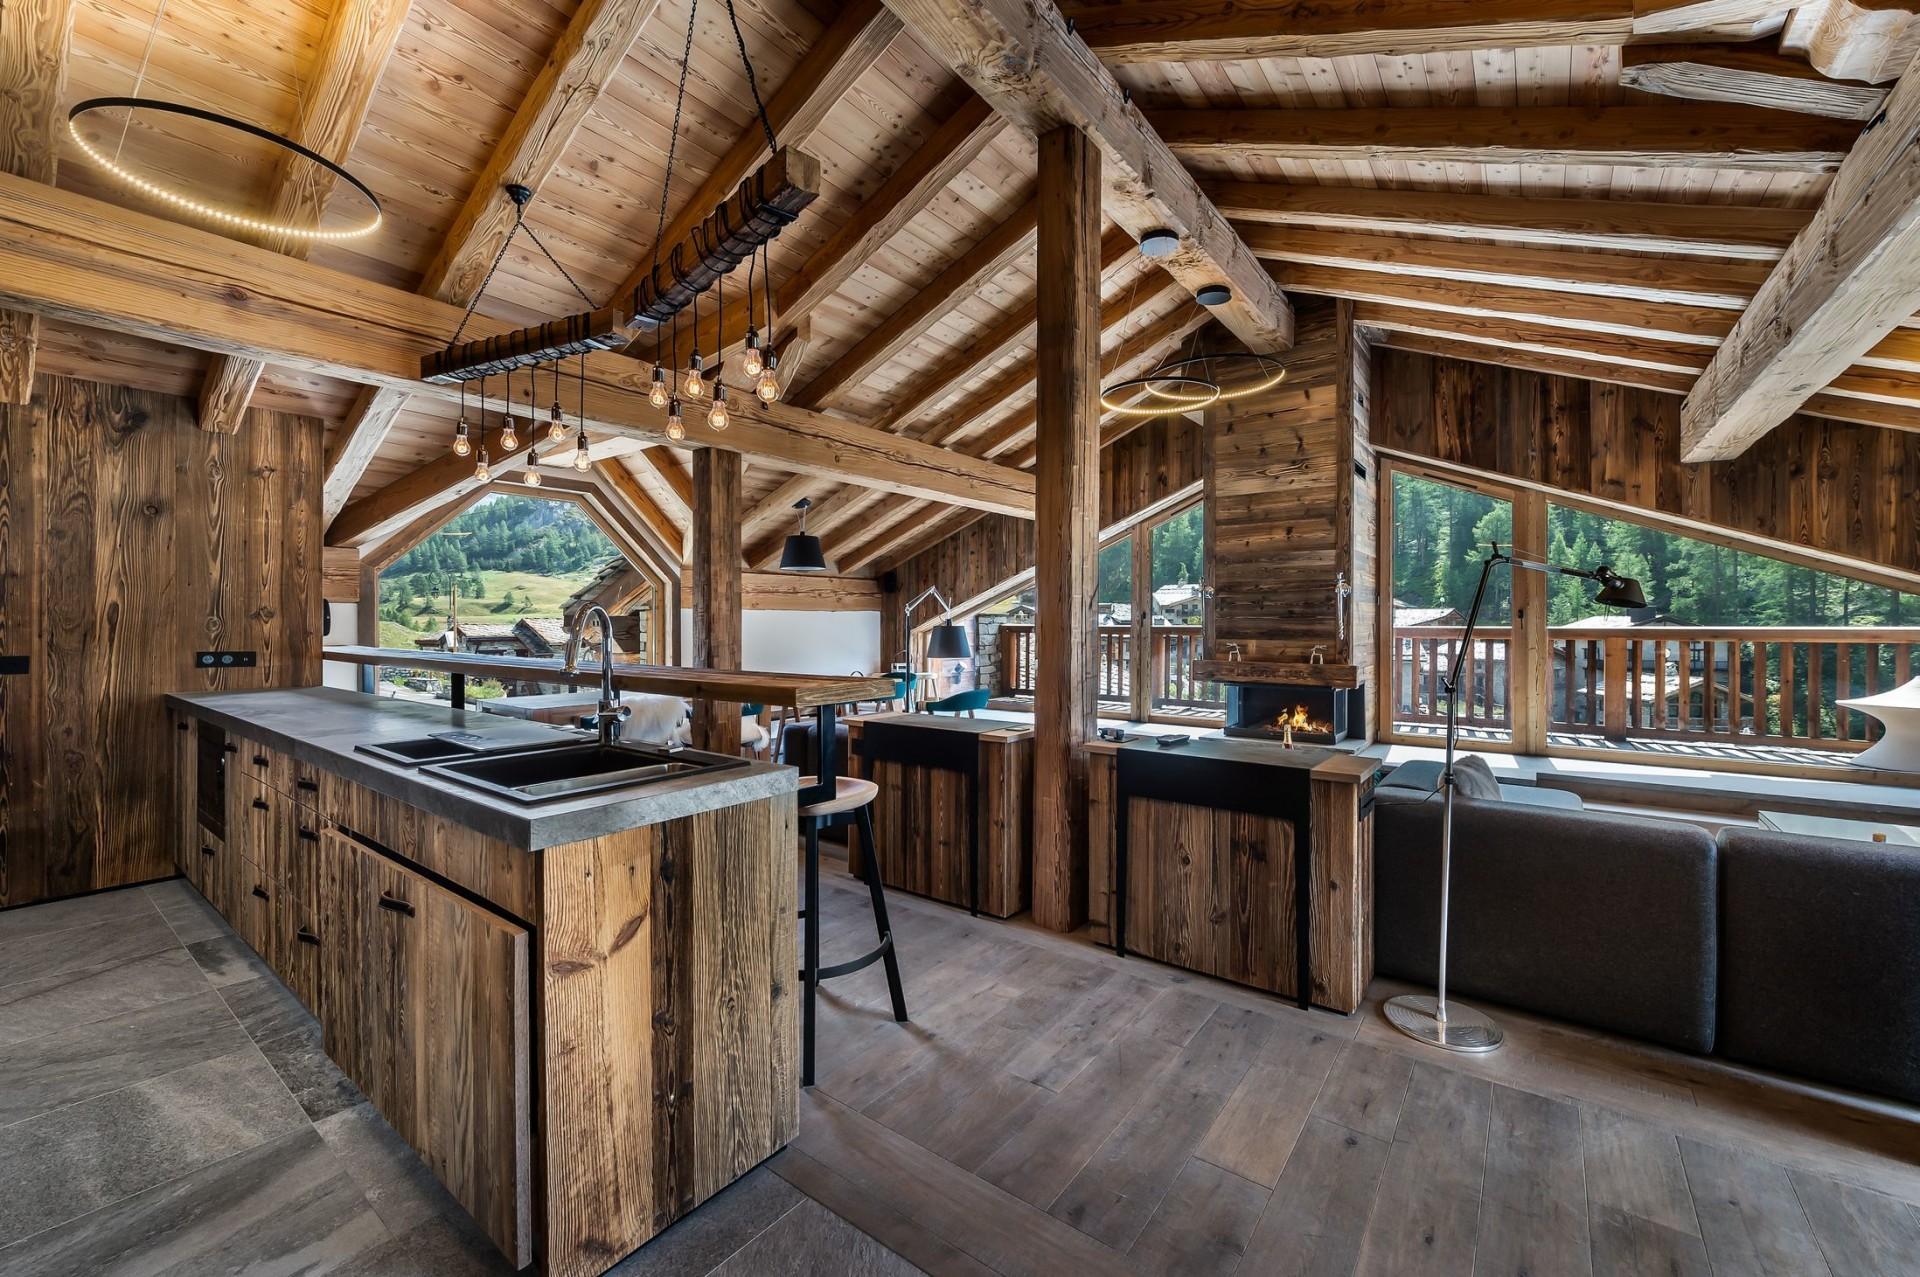 Val d'Isère Location Chalet Luxe Tellanche Cuisine 2